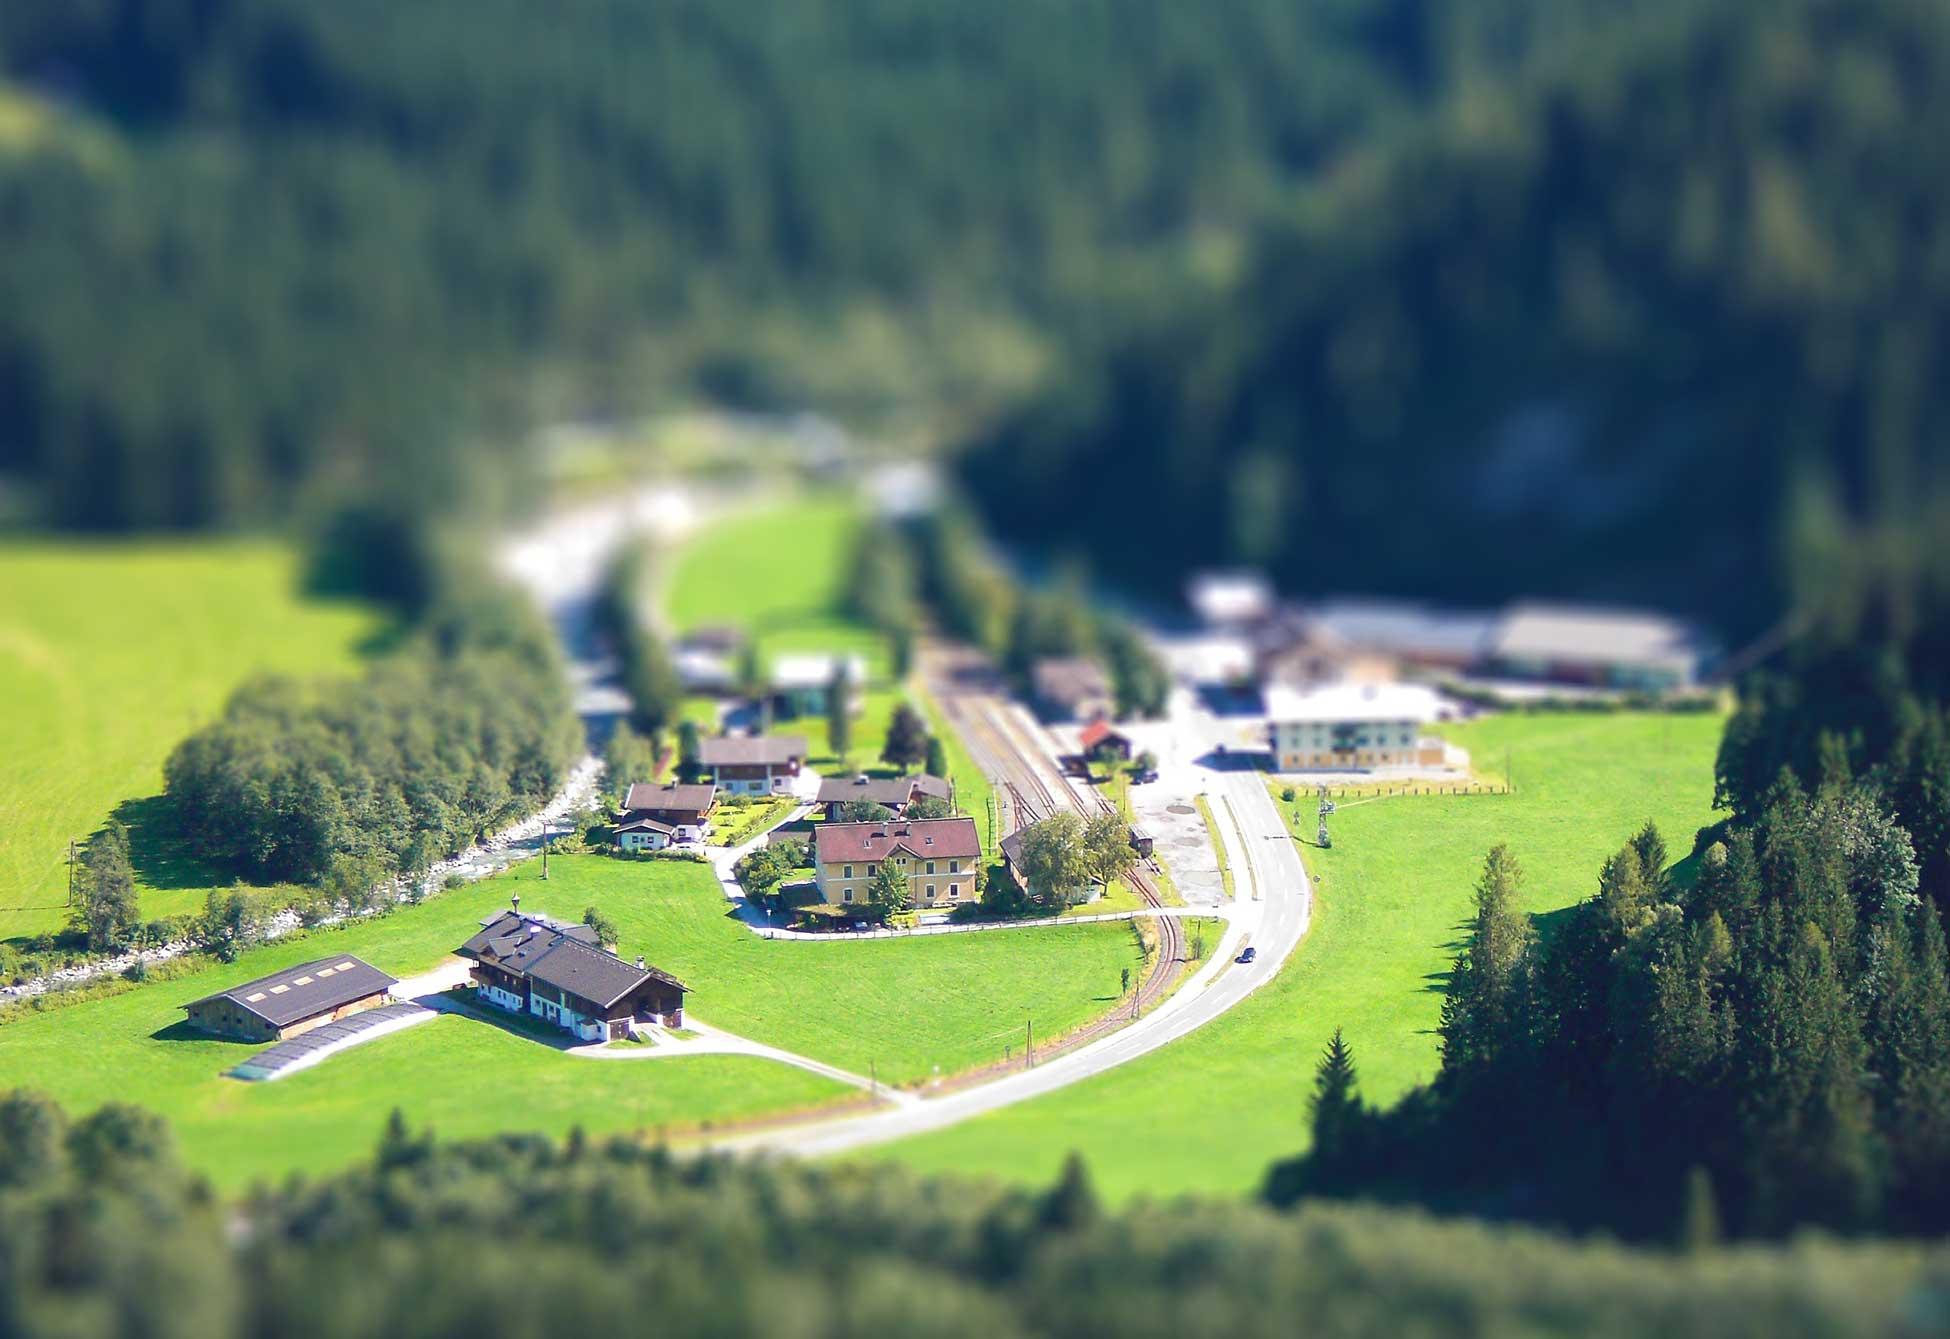 Kleines Bergdorf mit Bauernhof und Bahnhof und umgeben von Wald.